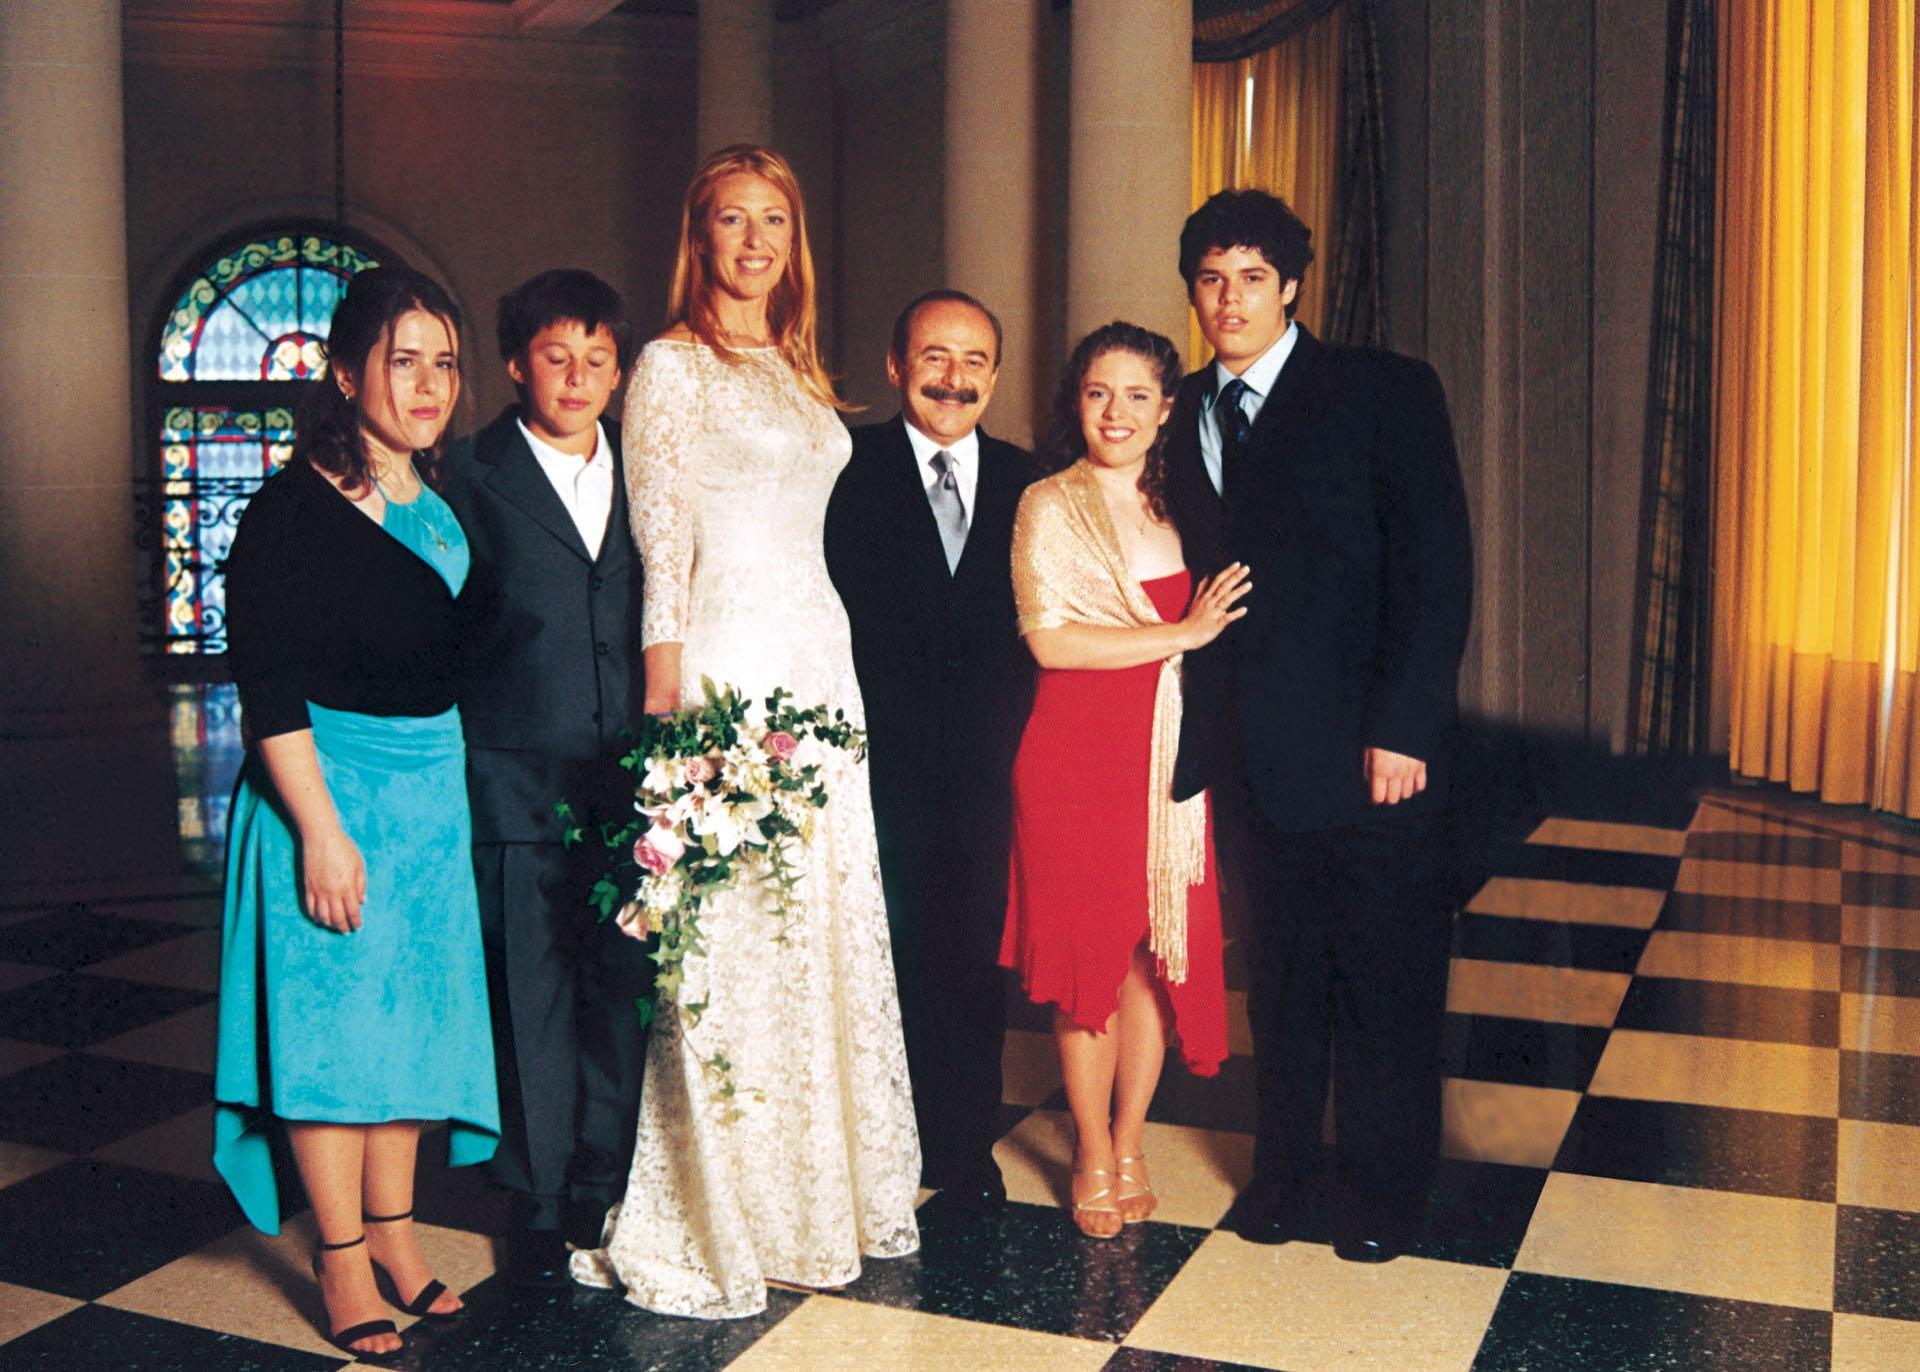 Despuésde quince años de convivencia, en 2001 finalmente se casaron. Un sueño cumplido. (Foto Archivo GENTE)